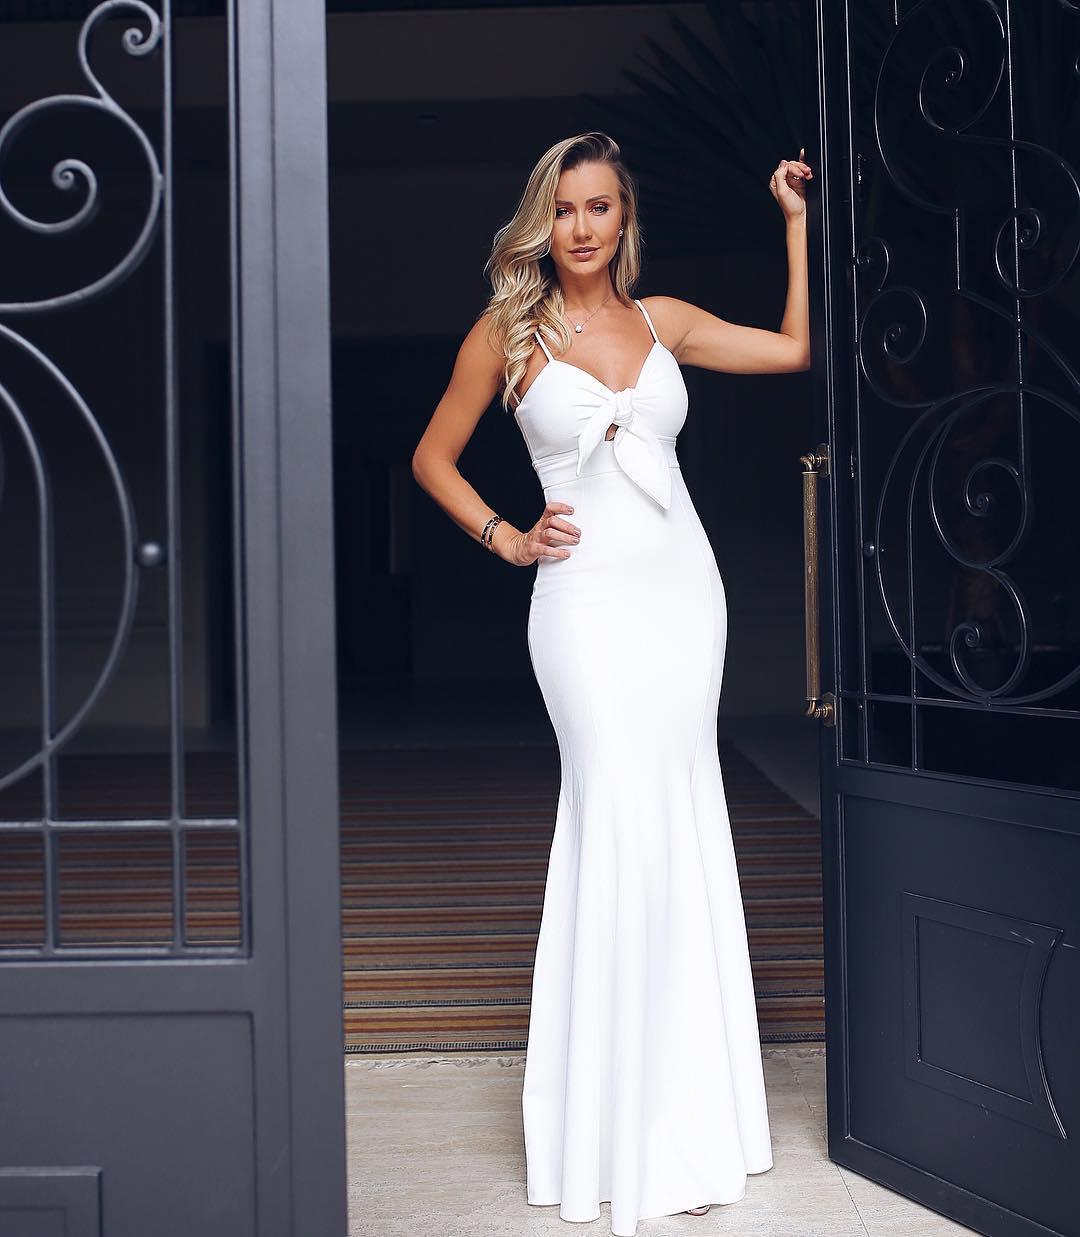 546a84ad2e Vestido para casamento civil  80 modelos lindos para esse dia especial